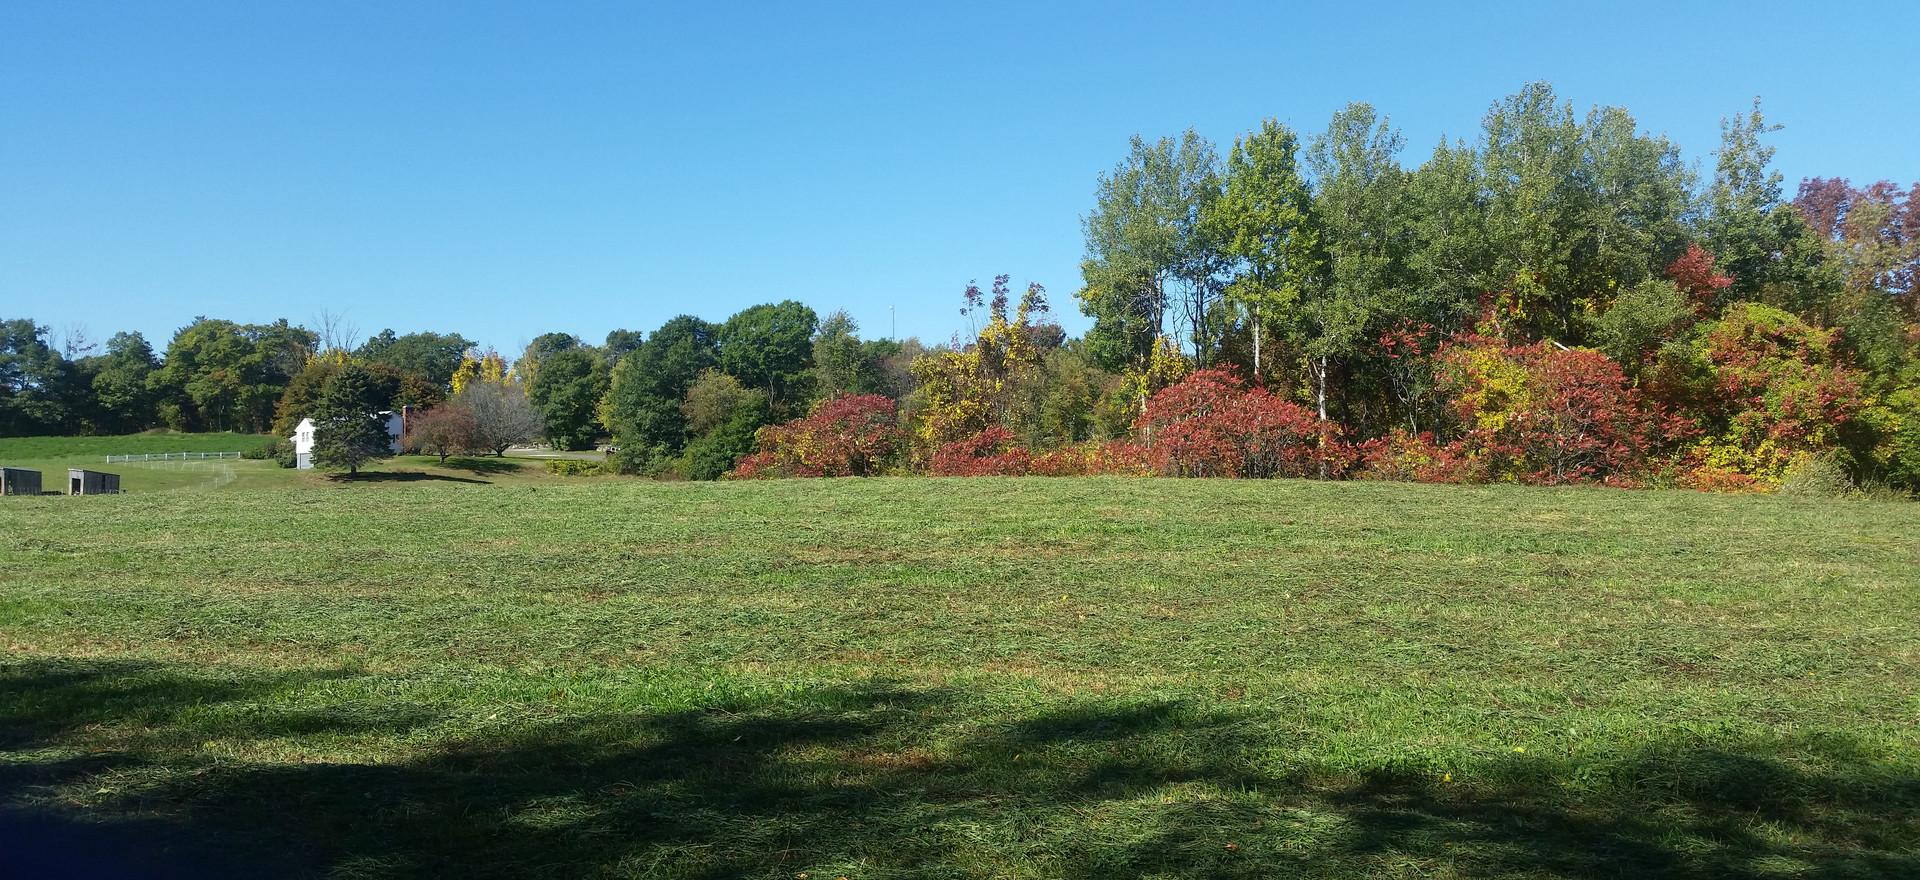 Field on Little Muggett